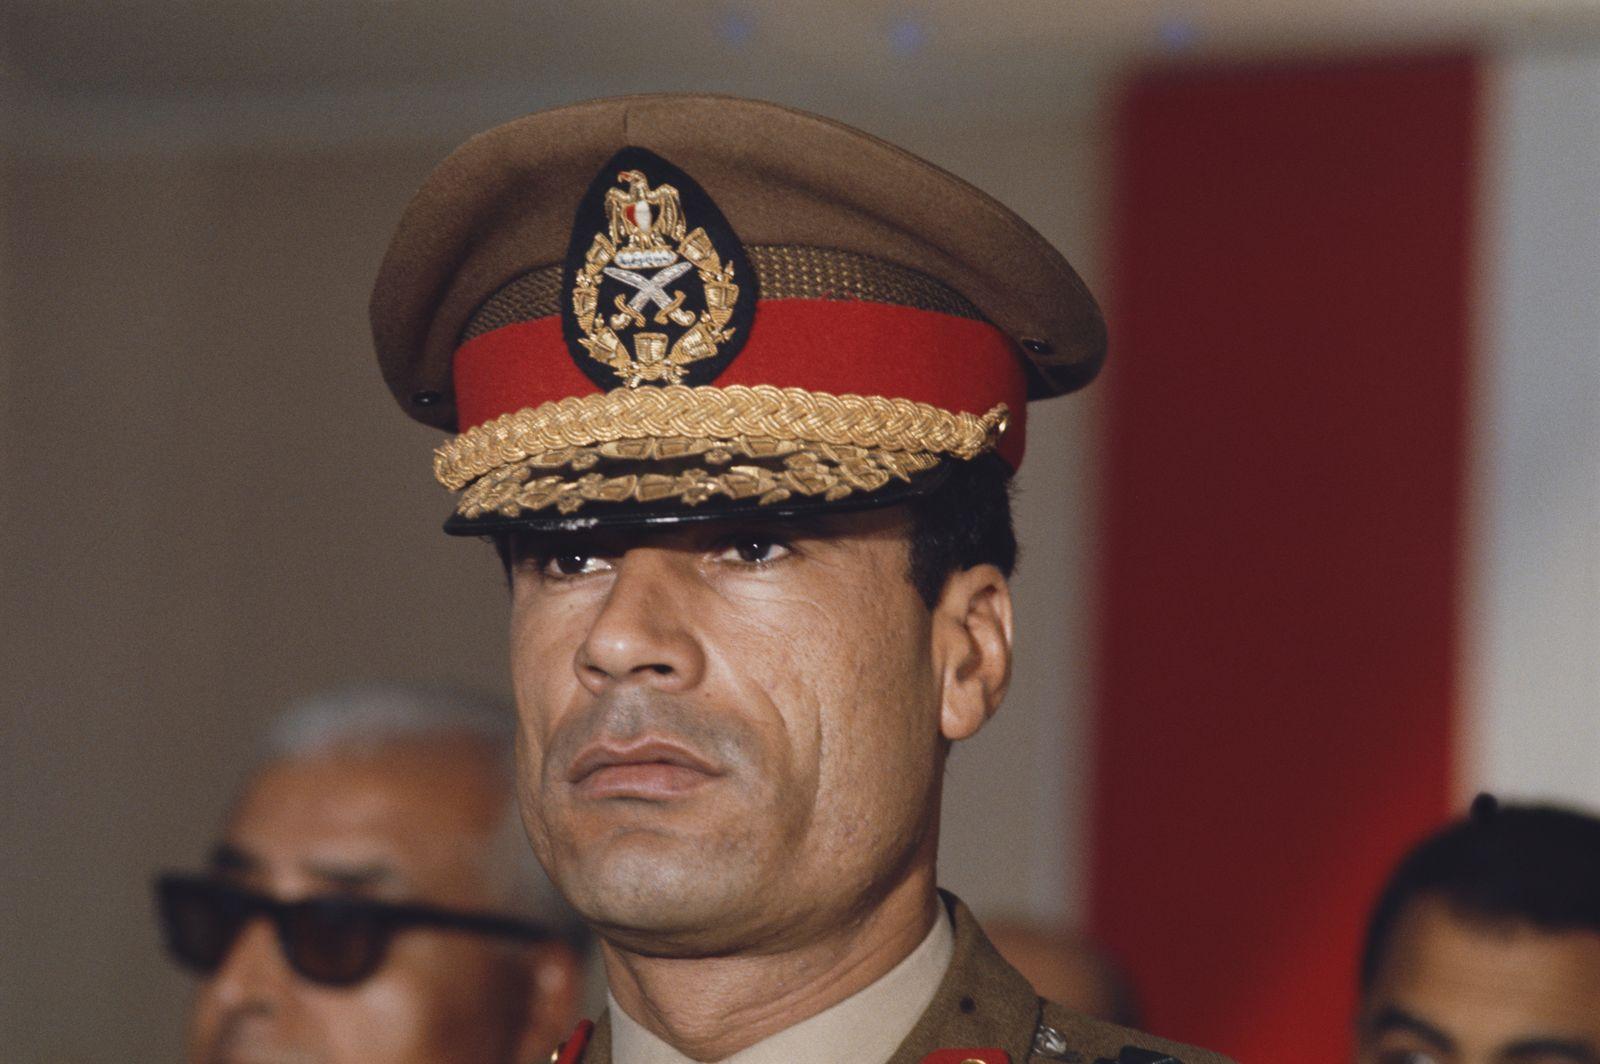 Colonel Gaddafi In Egypt